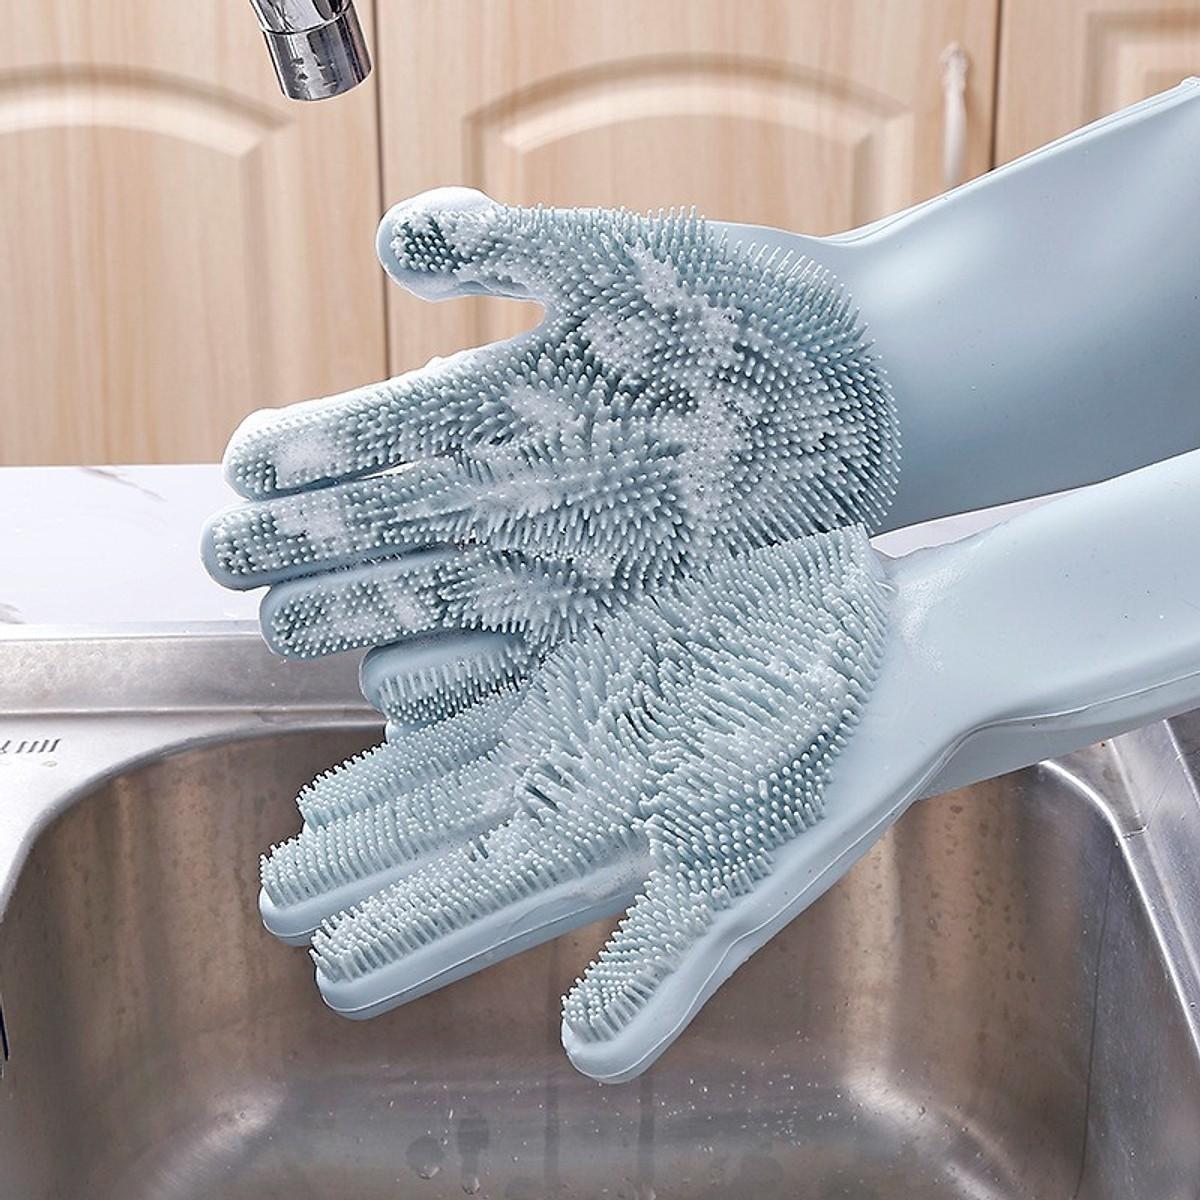 Găng tay cao su với lớp gai ngay lòng bàn tay giúp cọ rửa sạch bát đĩa, lau chùi nhà cửa, vệ sinh mà ko làm hại da tay